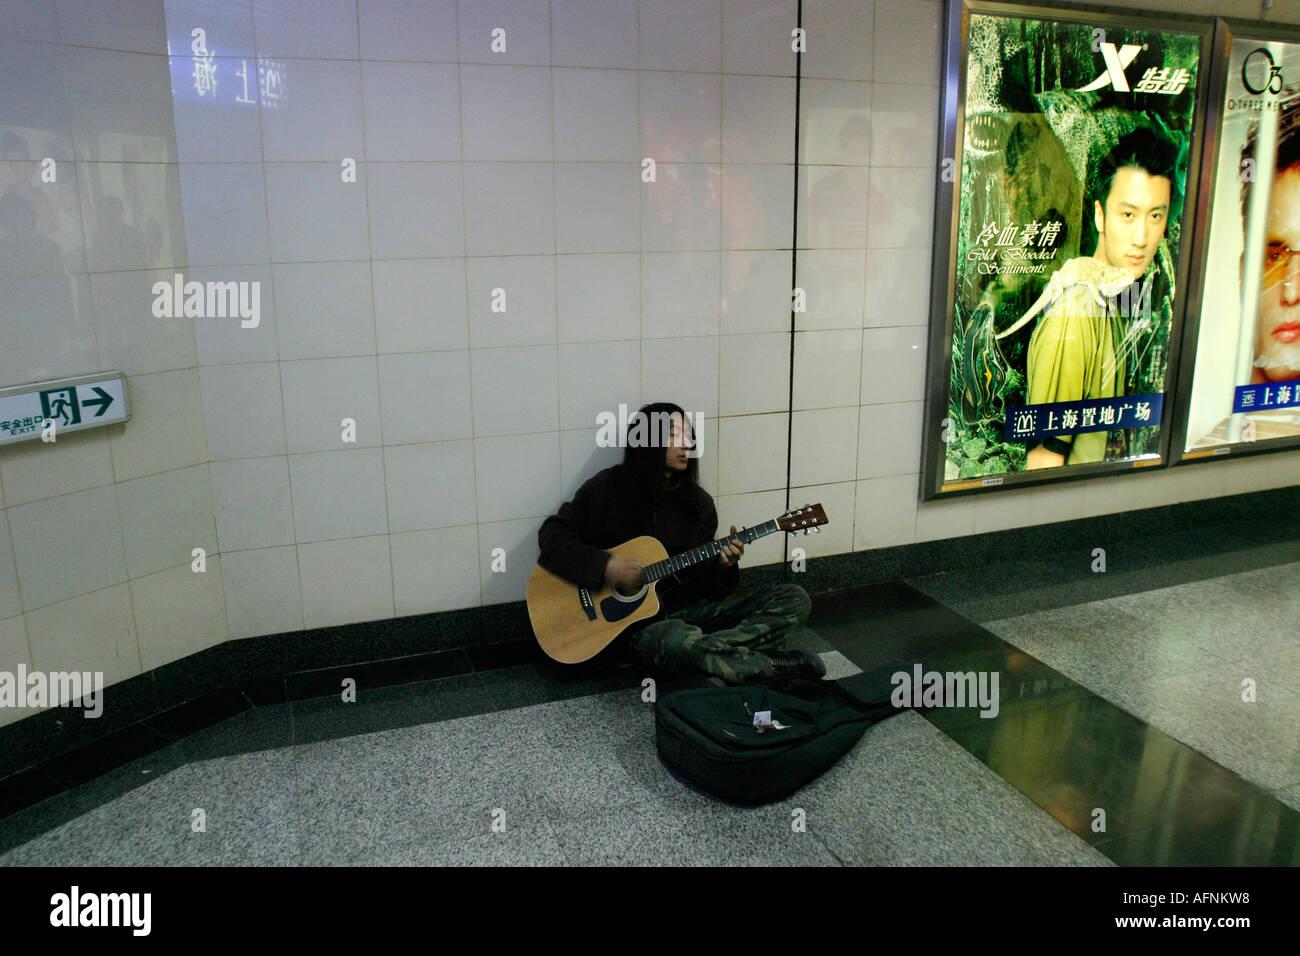 Guitarist busking - Stock Image